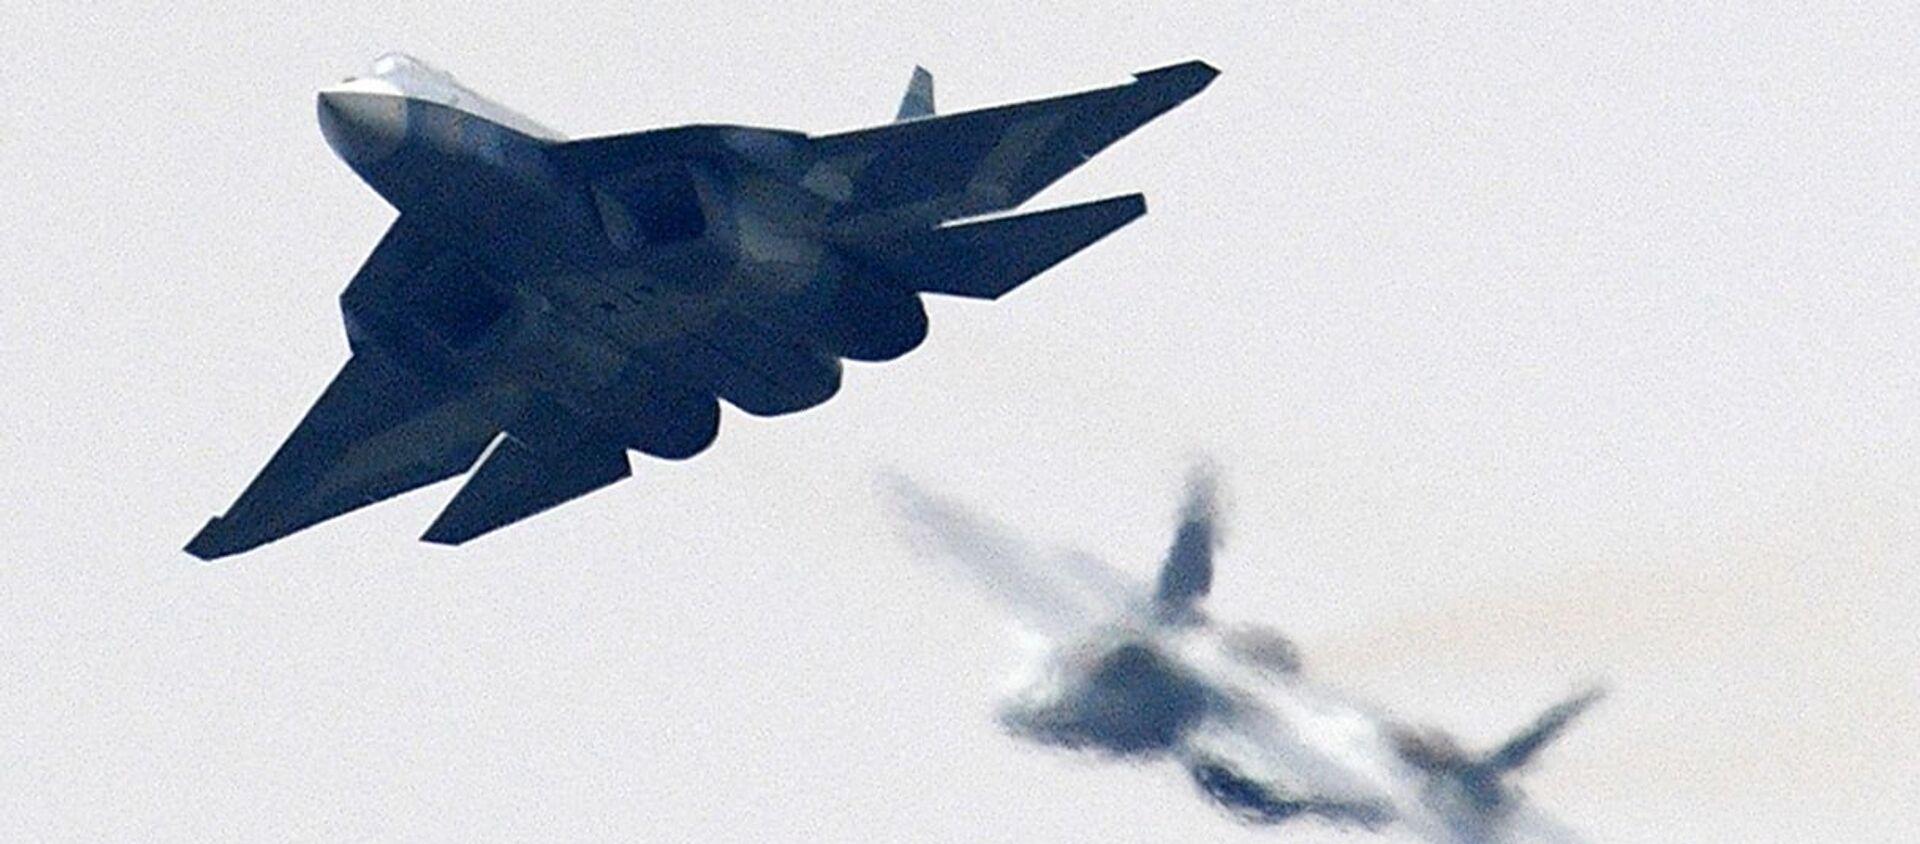 Máy bay chiến đấu thế hệ thứ năm đa chức năng T-50 của Nga tại Triển lãm Hàng không và Vũ trụ Quốc tế MAKS-2017 ở Zhukovsky - Sputnik Việt Nam, 1920, 25.03.2021